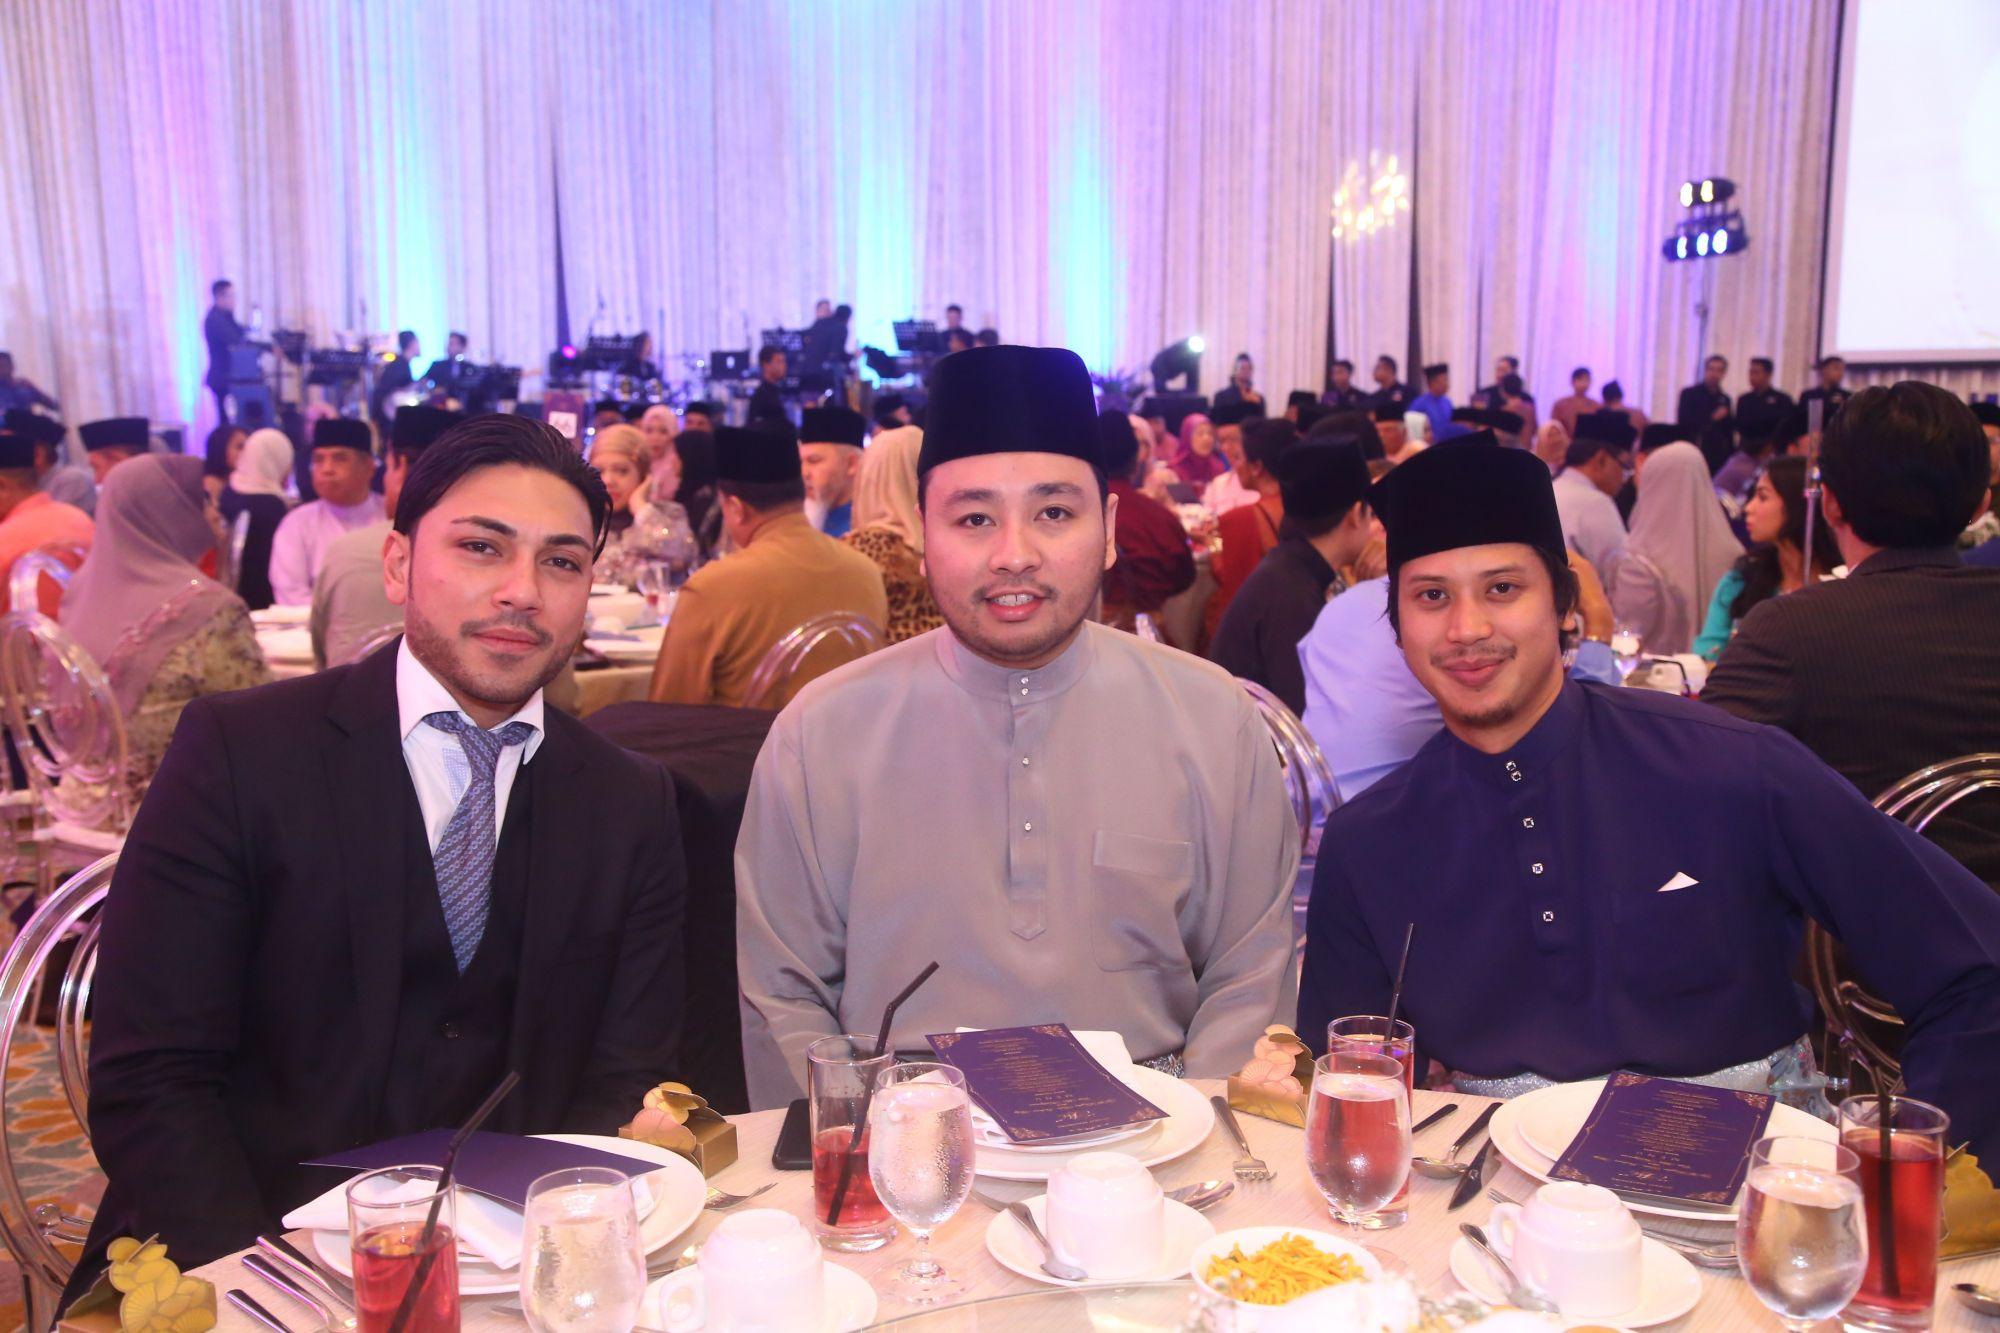 Ral Sho Umemto, Tengku Azran Abdul Jawaad and Raja Amir Arshad